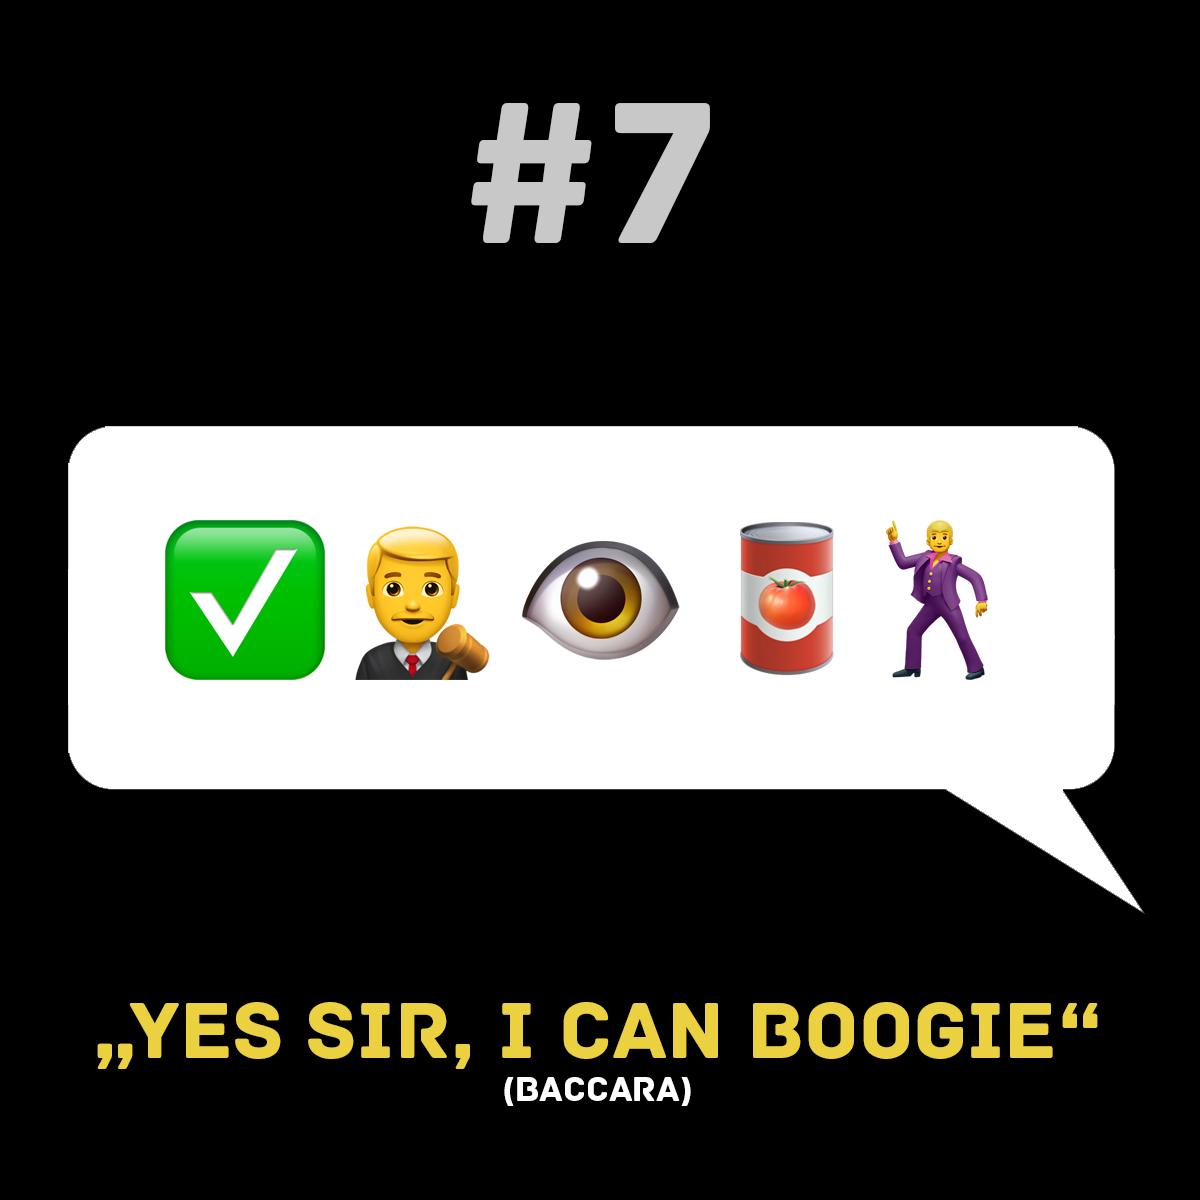 Songtitel in Emojis dargestellt emojibands_07b